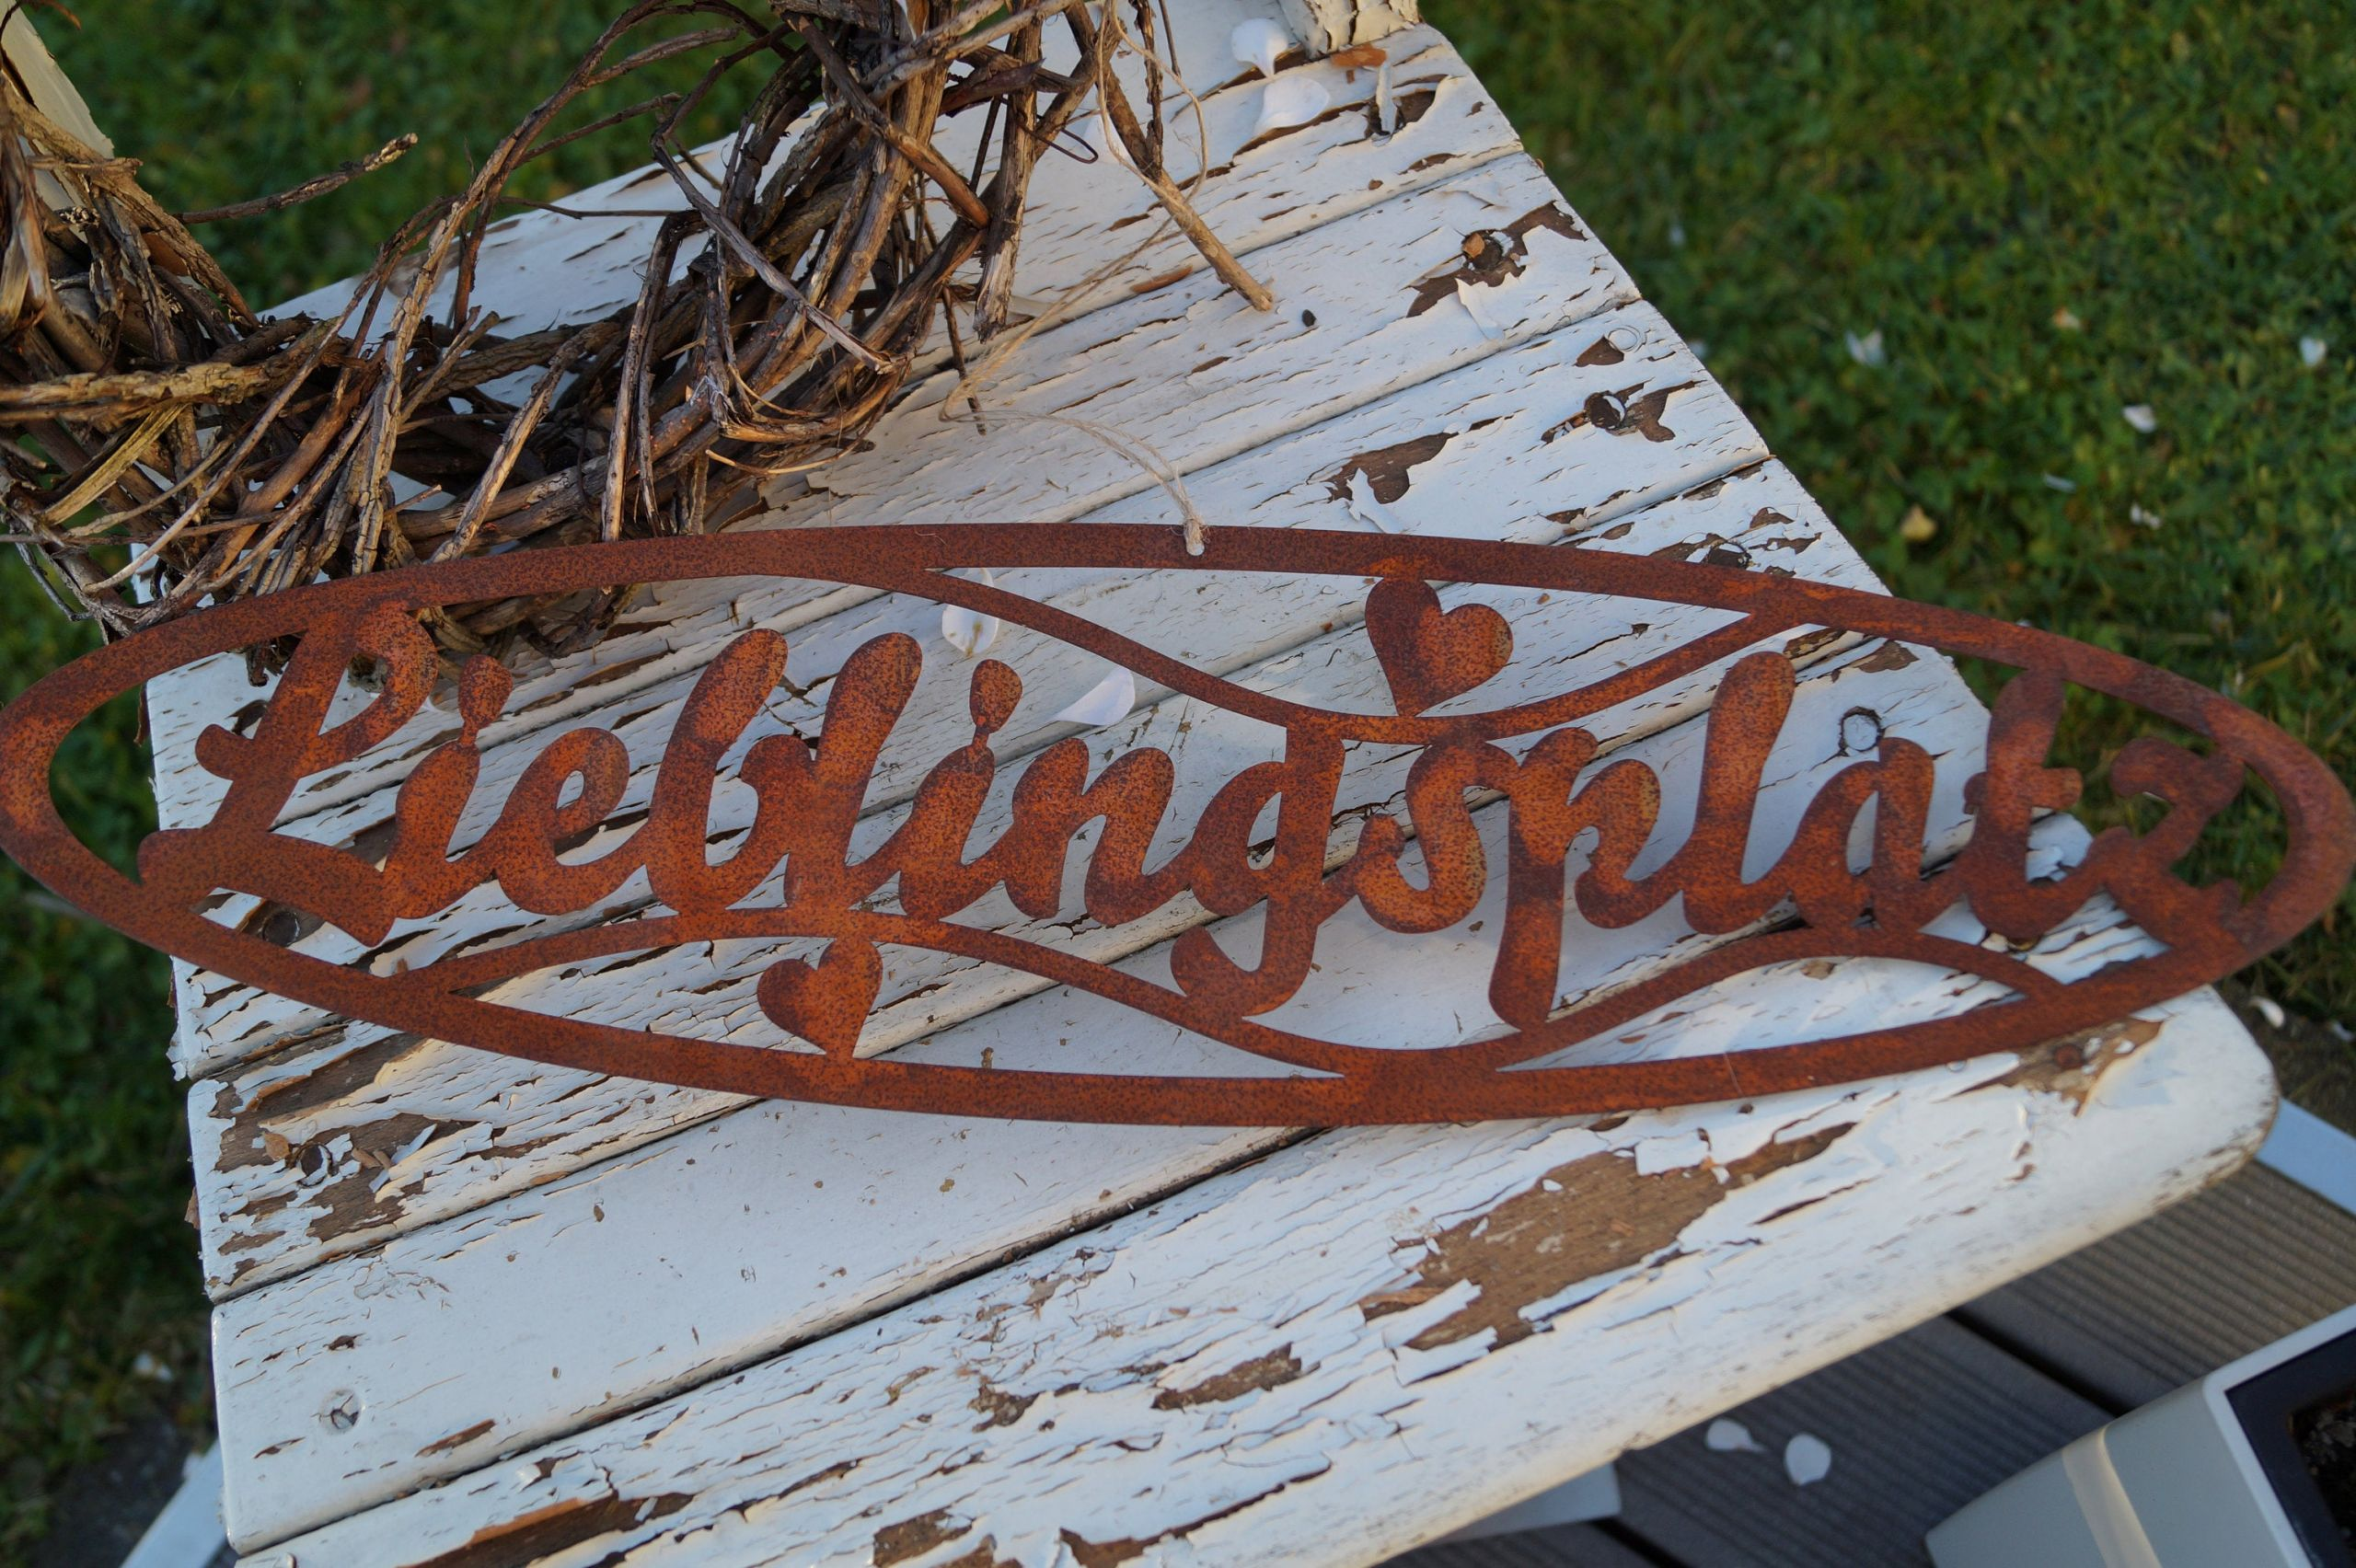 Besondere Gartendeko Einzigartig Lieblingsplatz Schild Aus Edelrost Schriftzug Gartendeko Dekoration Für Zu Hause Terrasse Rostig